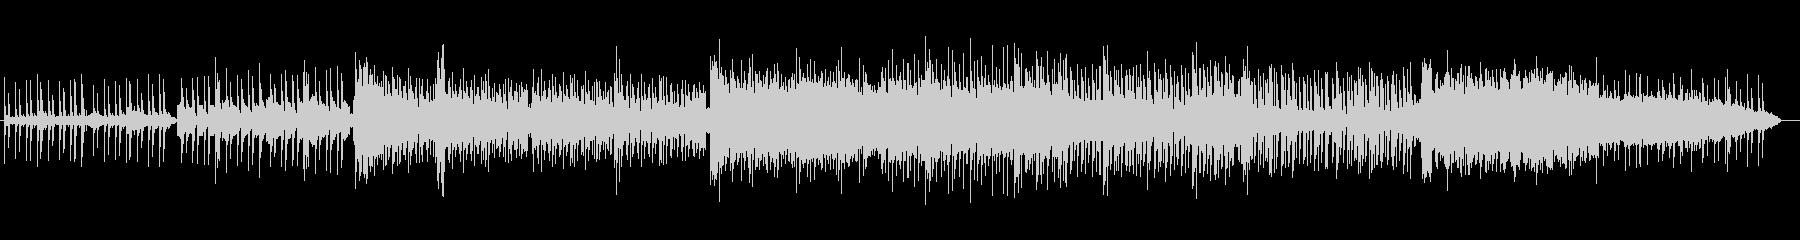 アシッドな雰囲気のシネマティックBGMの未再生の波形